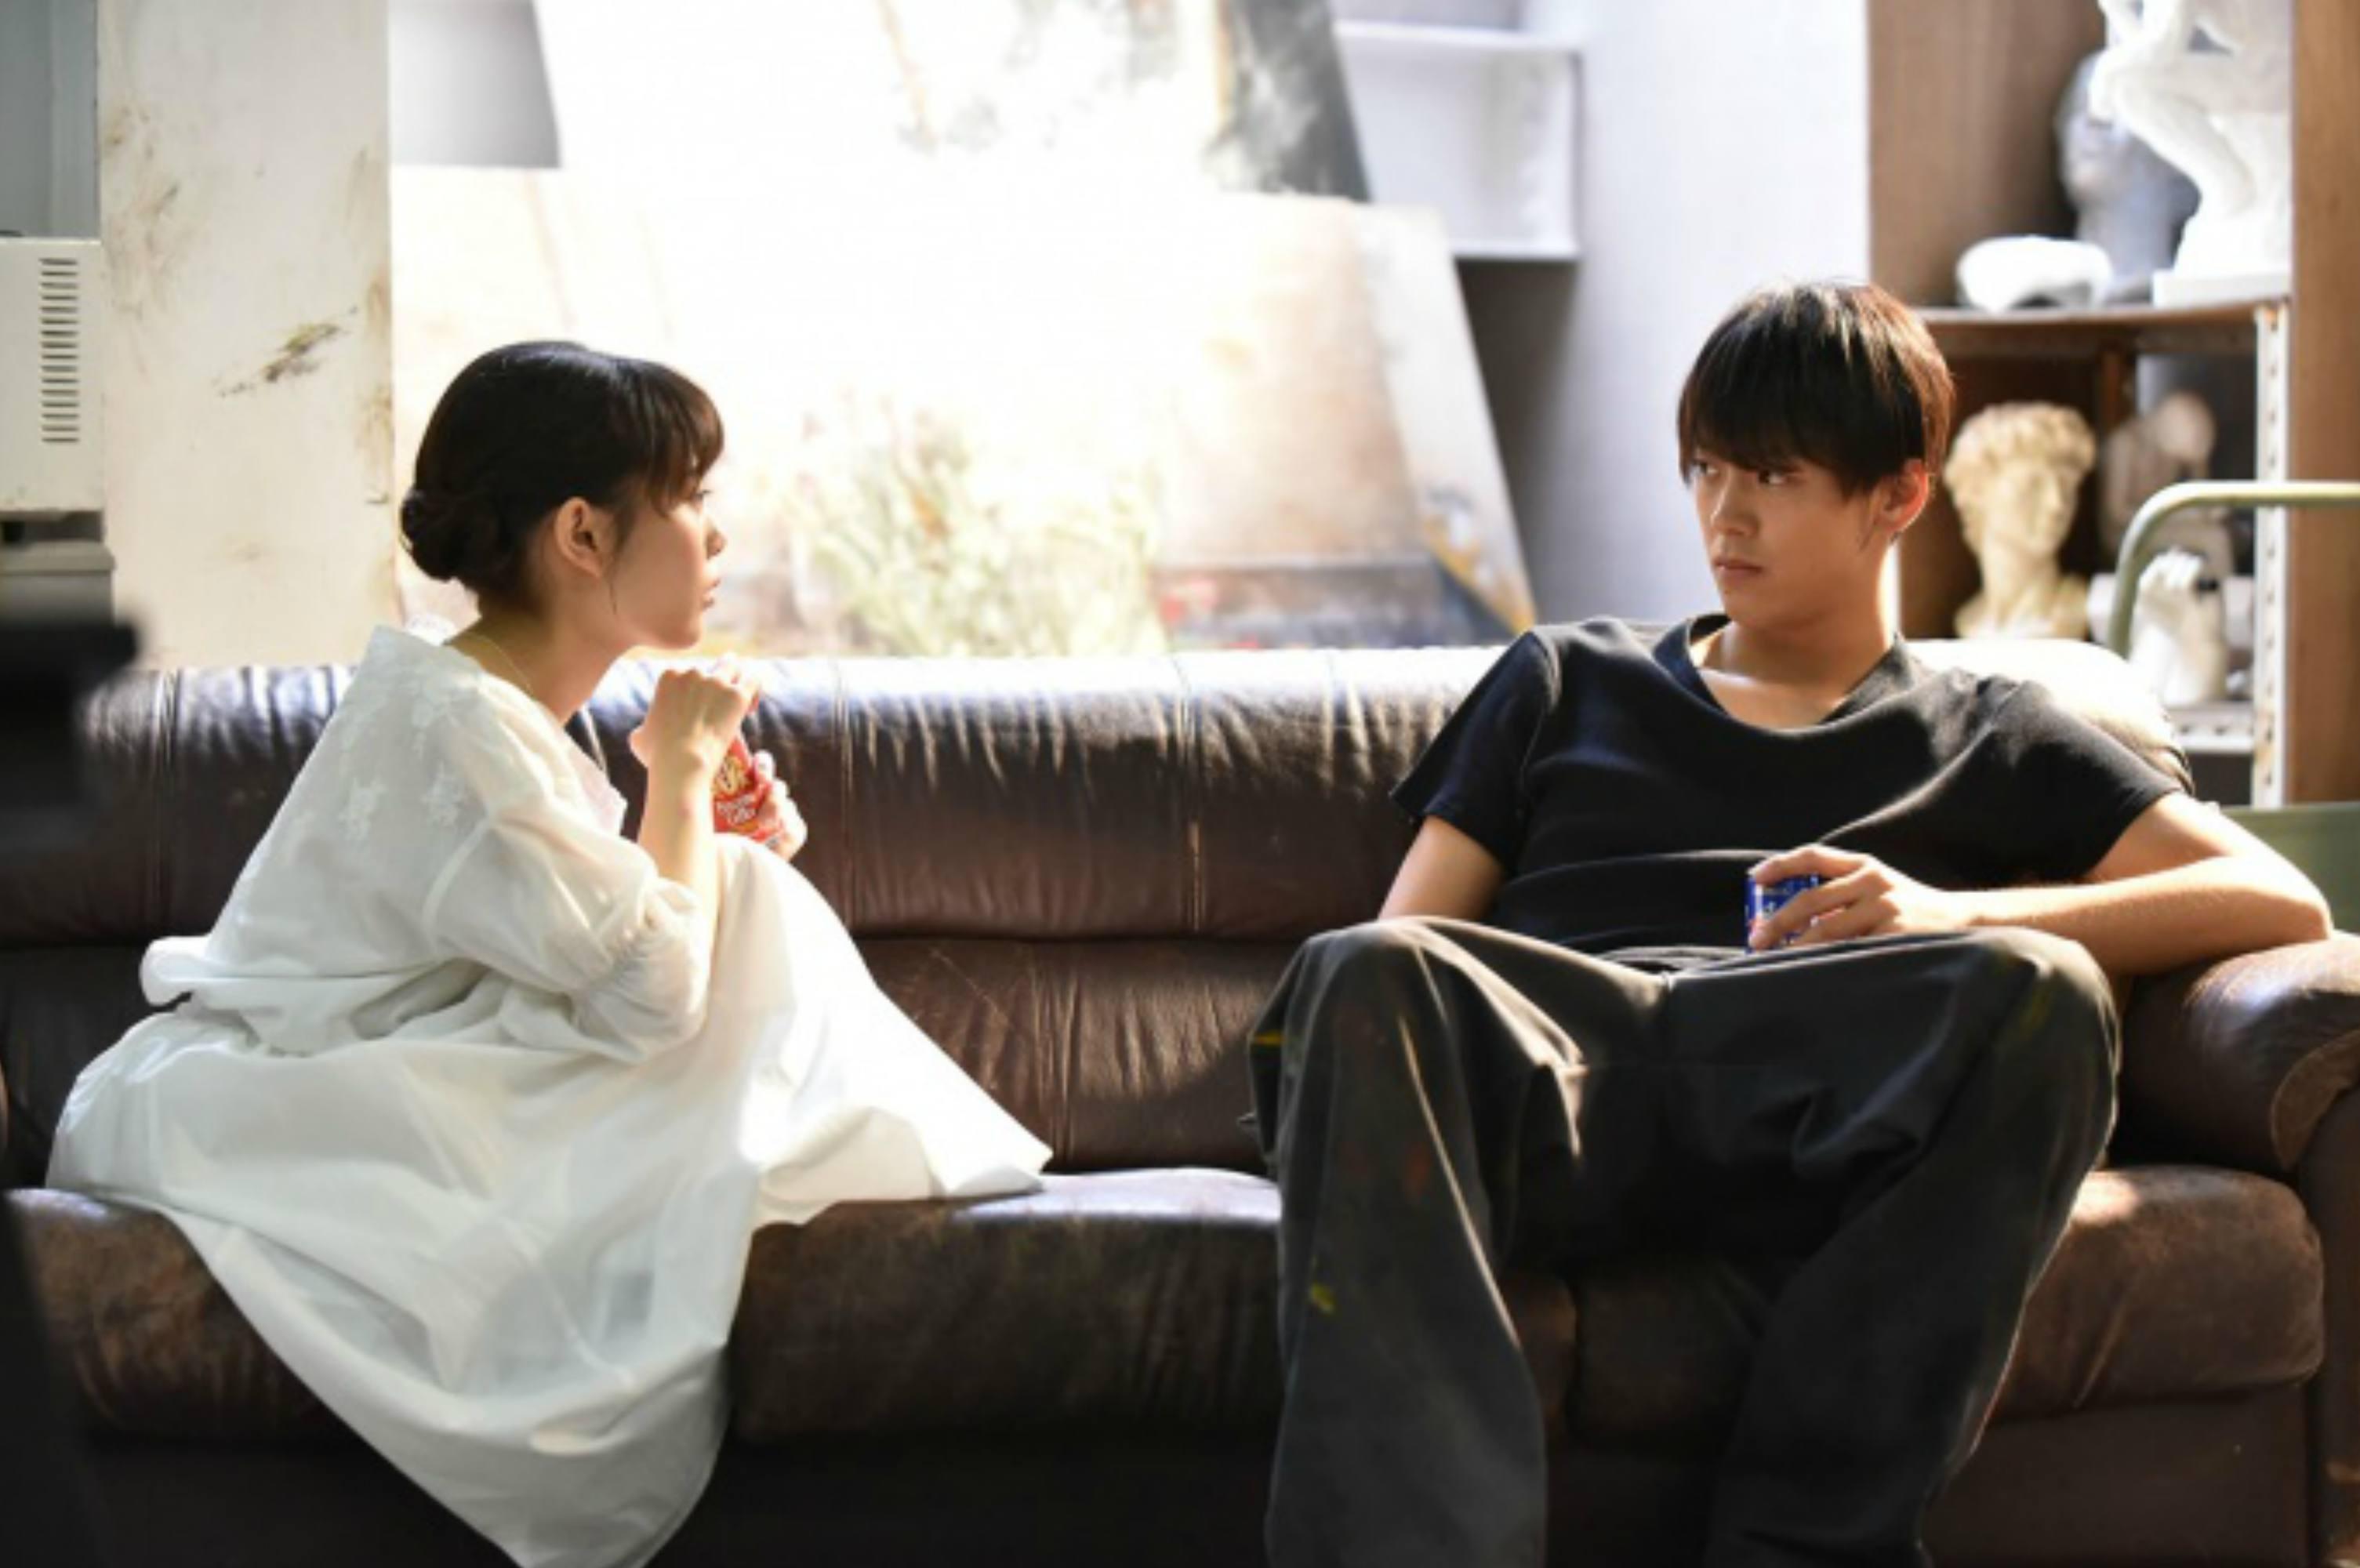 被過度保護的加穗子_第五回_劇透雷區_劇情跟進.jpg